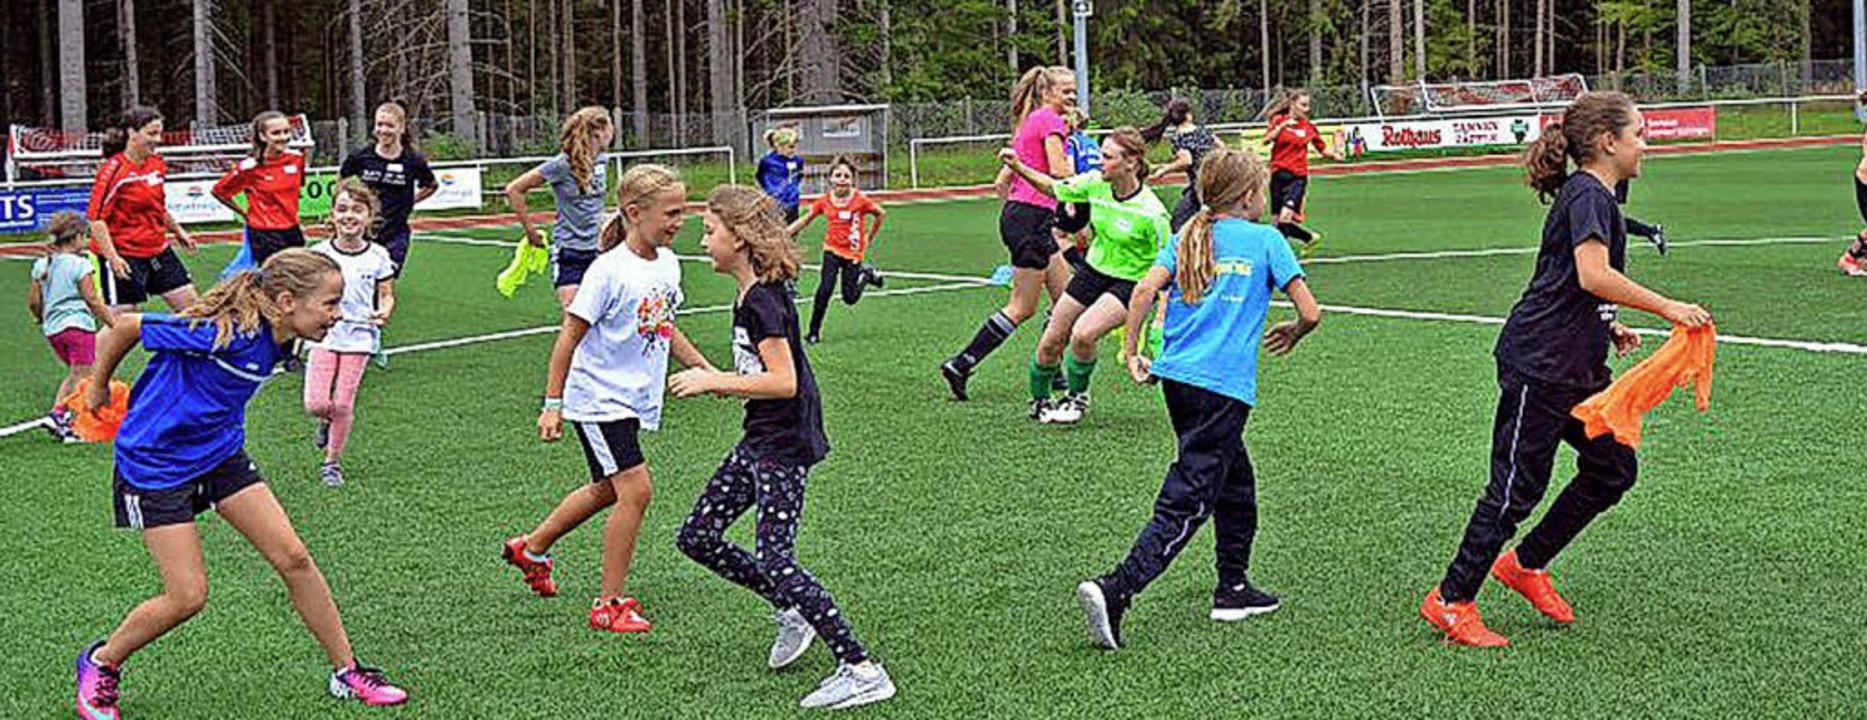 Interessante Bewegungsabläufe – ... – wurden spielerisch trainiert.  | Foto: Wolfgang Scheu